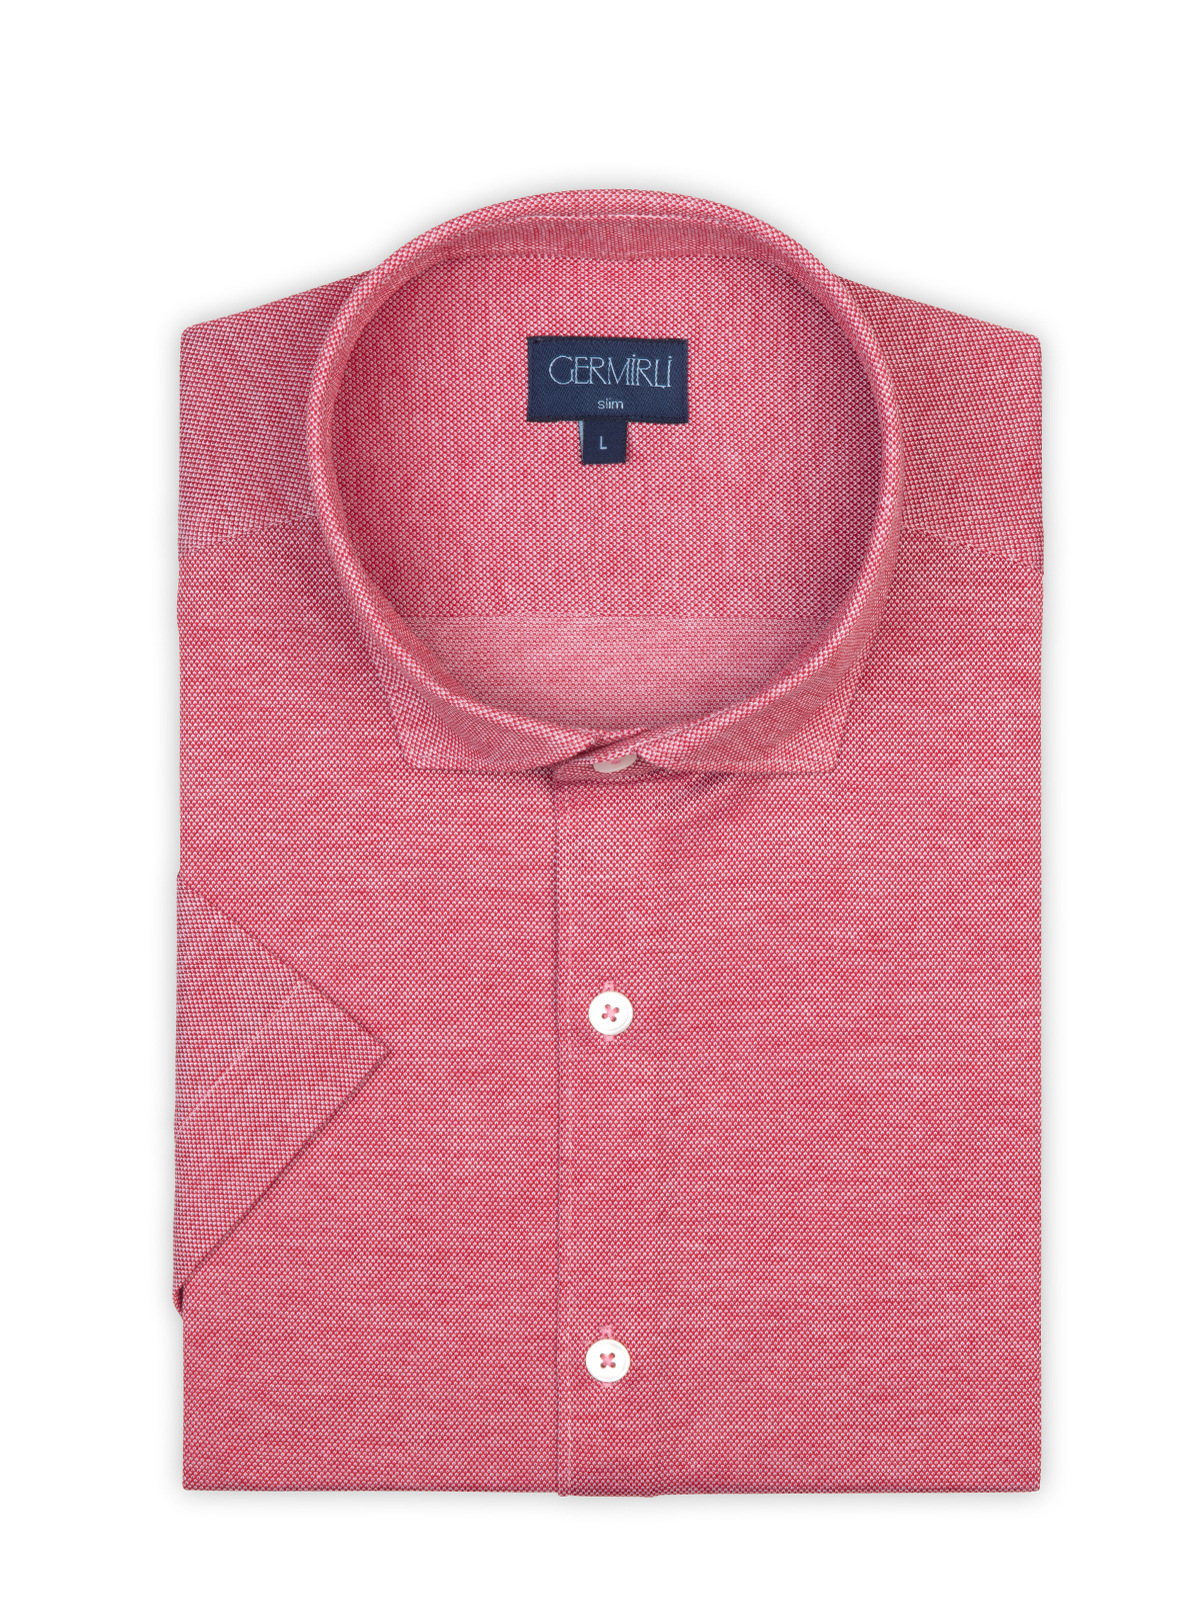 Germirli Mercan Kırmızısı Klasik Yaka Piquet Örme Kısa Kollu Slim Fit Gömlek